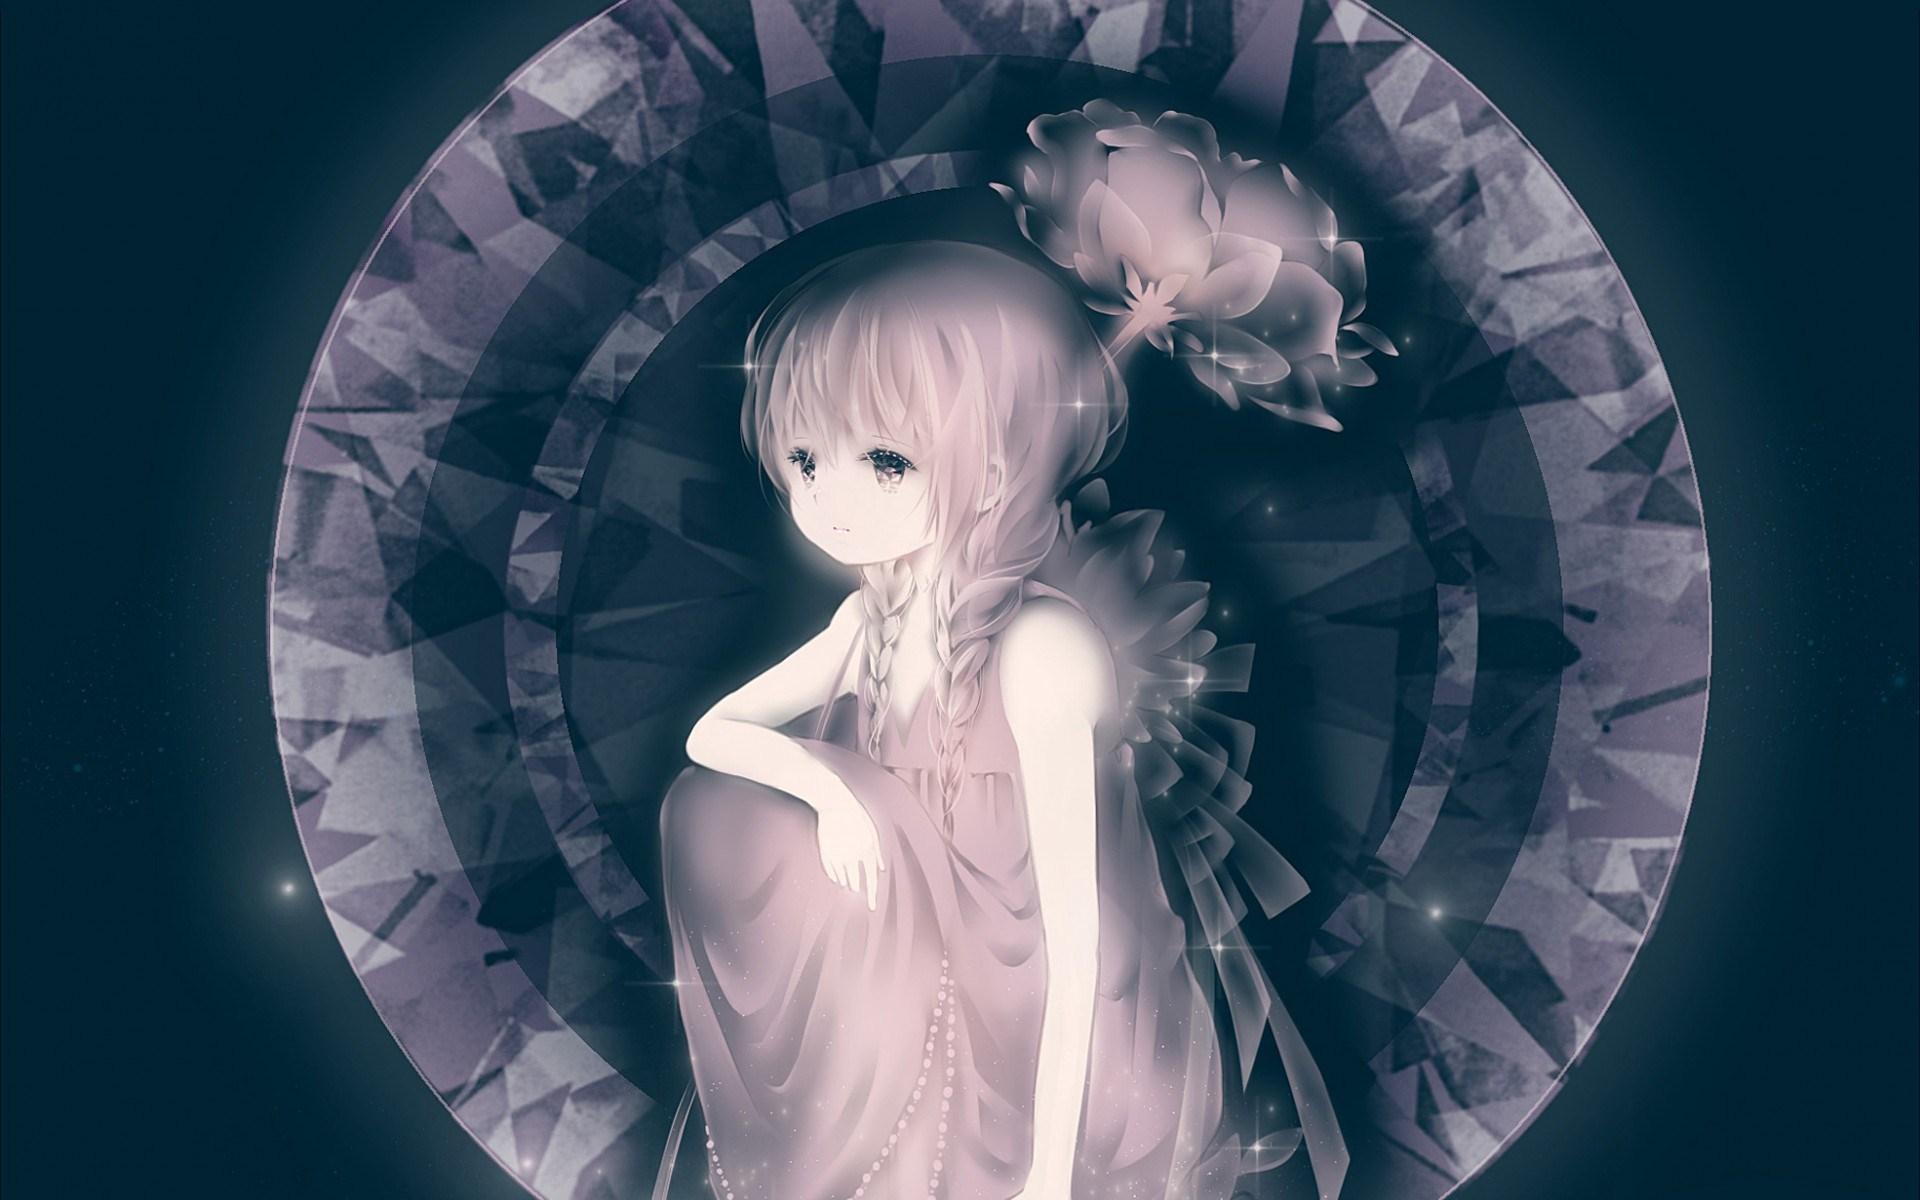 Lovely Girl Anime Art